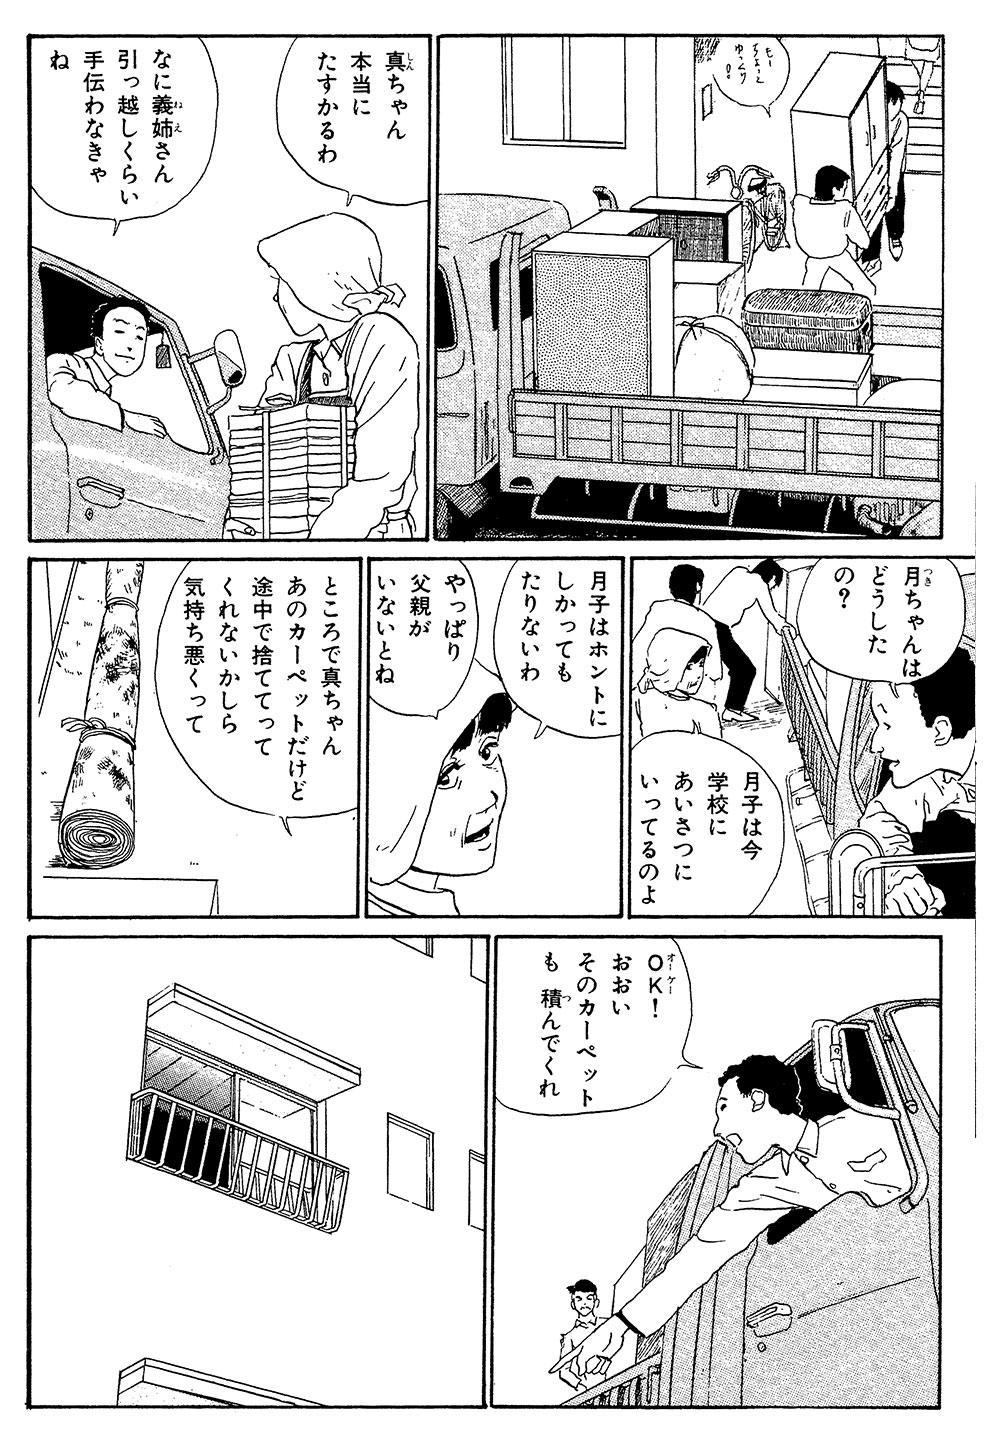 伊藤潤二傑作集 第5話「富江 接吻」⑤junji19-07.jpg